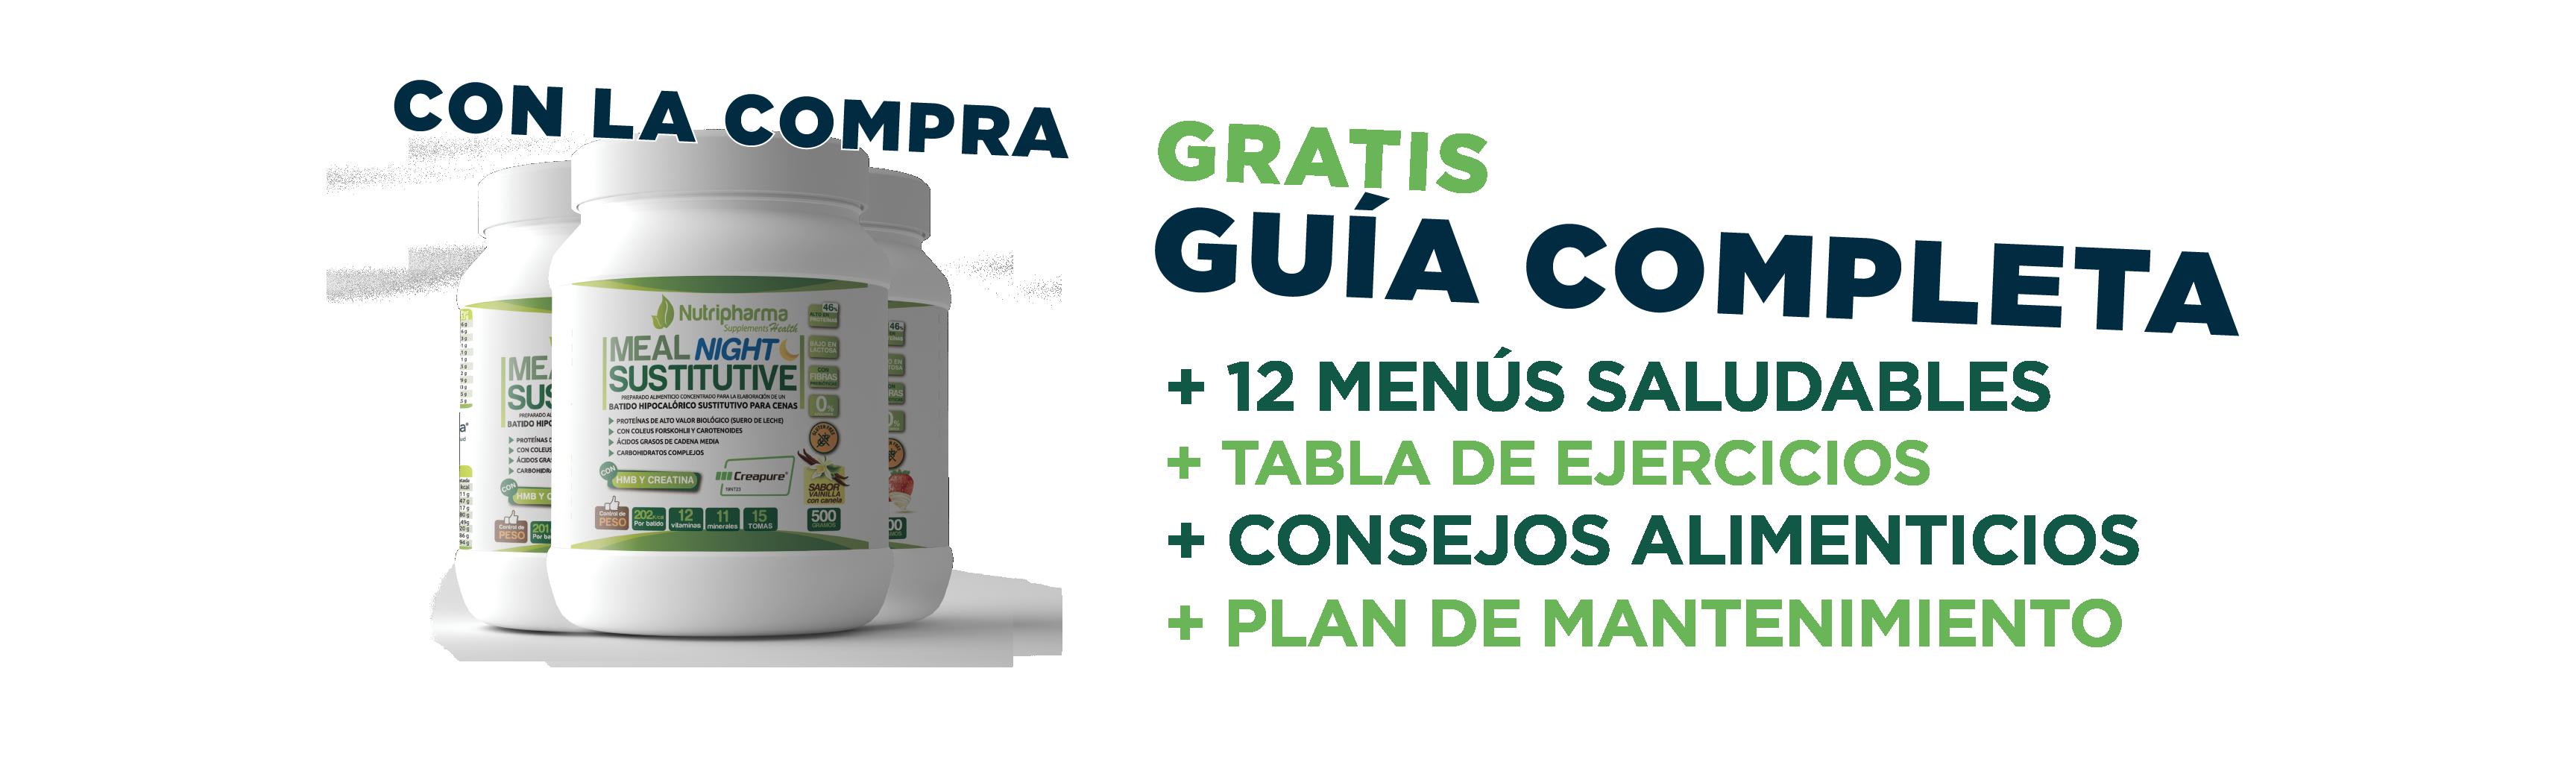 COMPRA Y GUIA-07-07